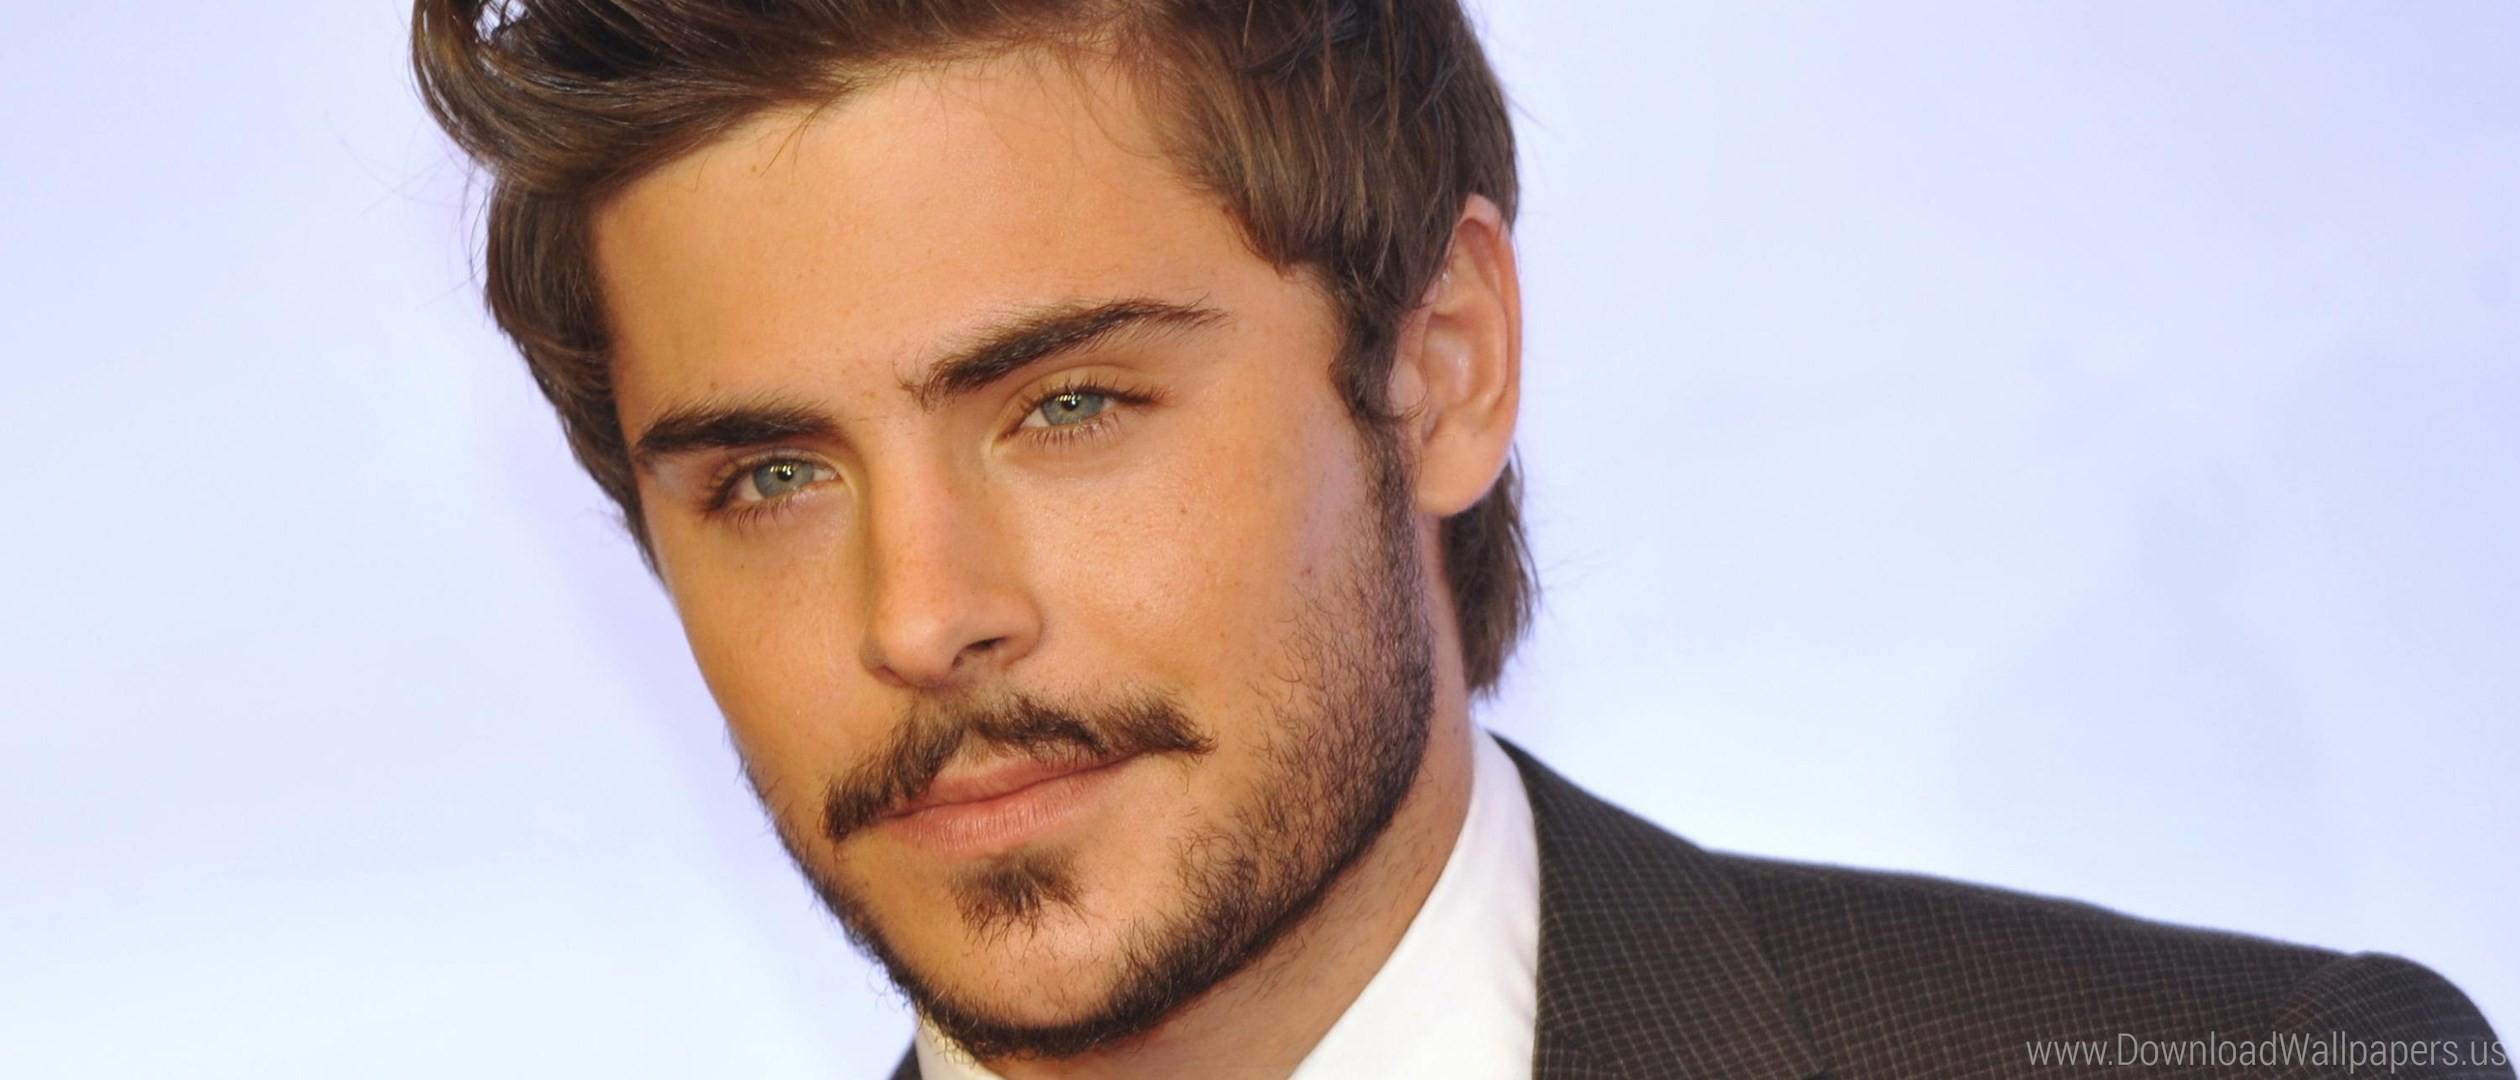 Res: 2520x1080, Download Wide 21:9  - Actor, Beard, Brunette, Celebrity, Mustache,  Suit, Zac Efron Wallpaper